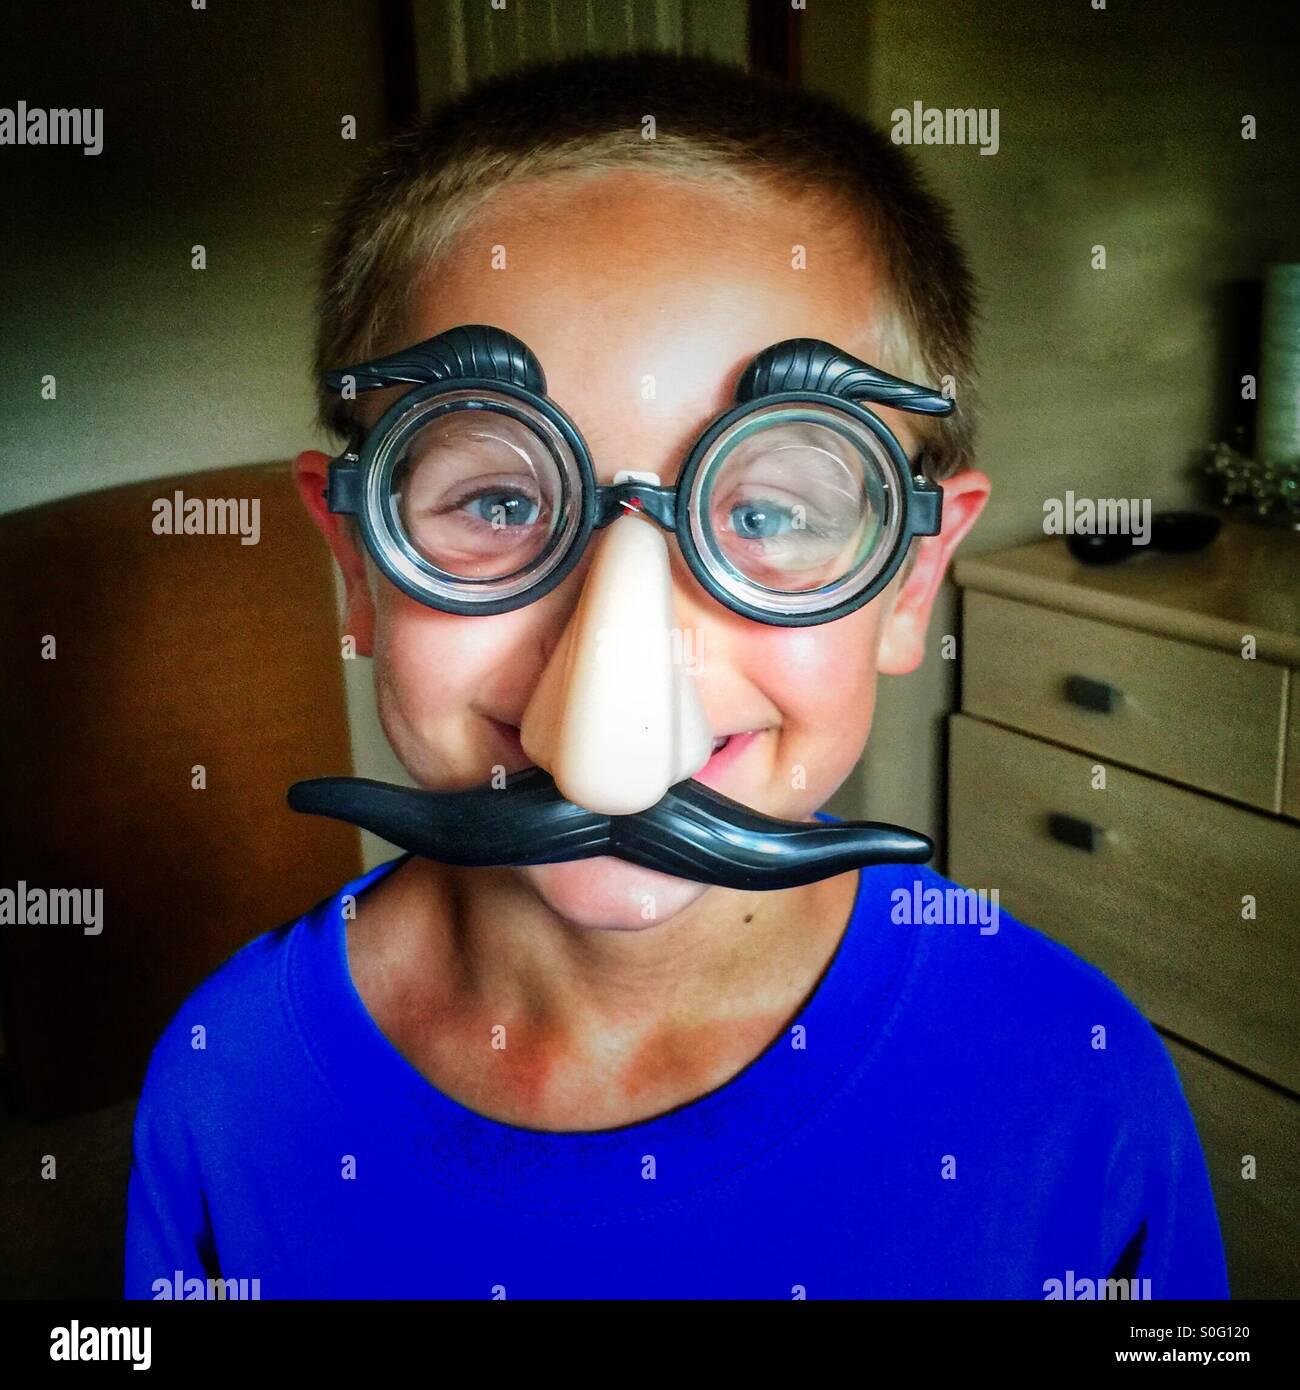 Jeune garçon portant un masque rigolo avec des lunettes, le nez, et une moustache Photo Stock